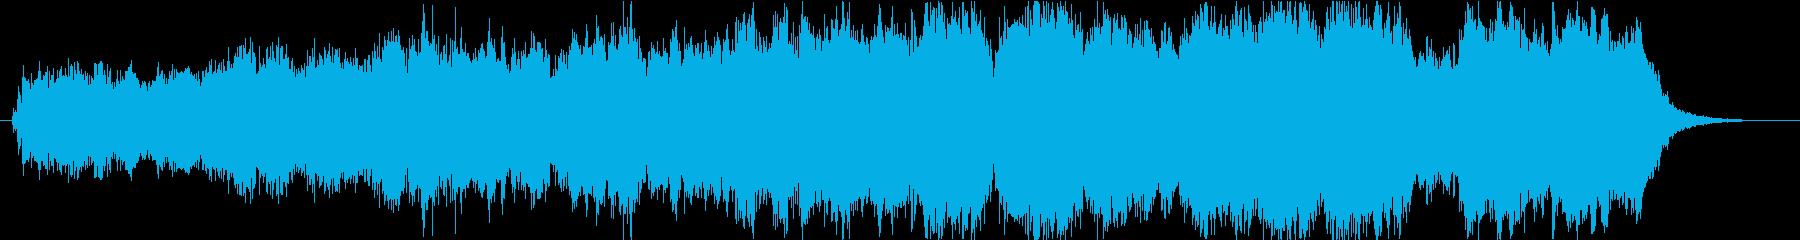 勝利者フィナーレのオーケストラの再生済みの波形